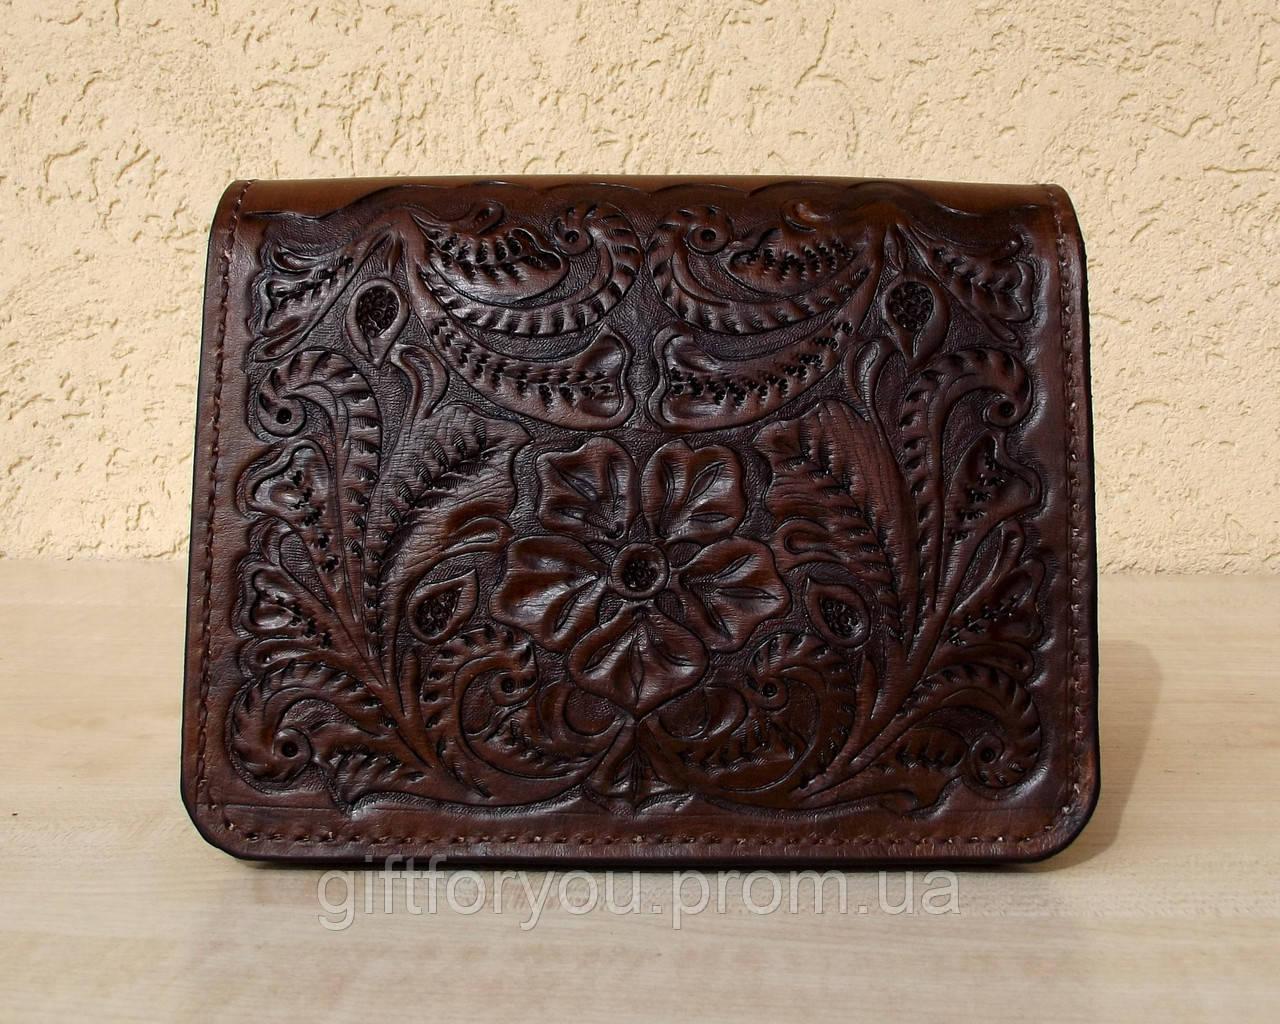 c7540e1c165e Кожаная маленькая женская сумочка, тиснение, натуральная кожа, ручная работа  - Интернет-магазин